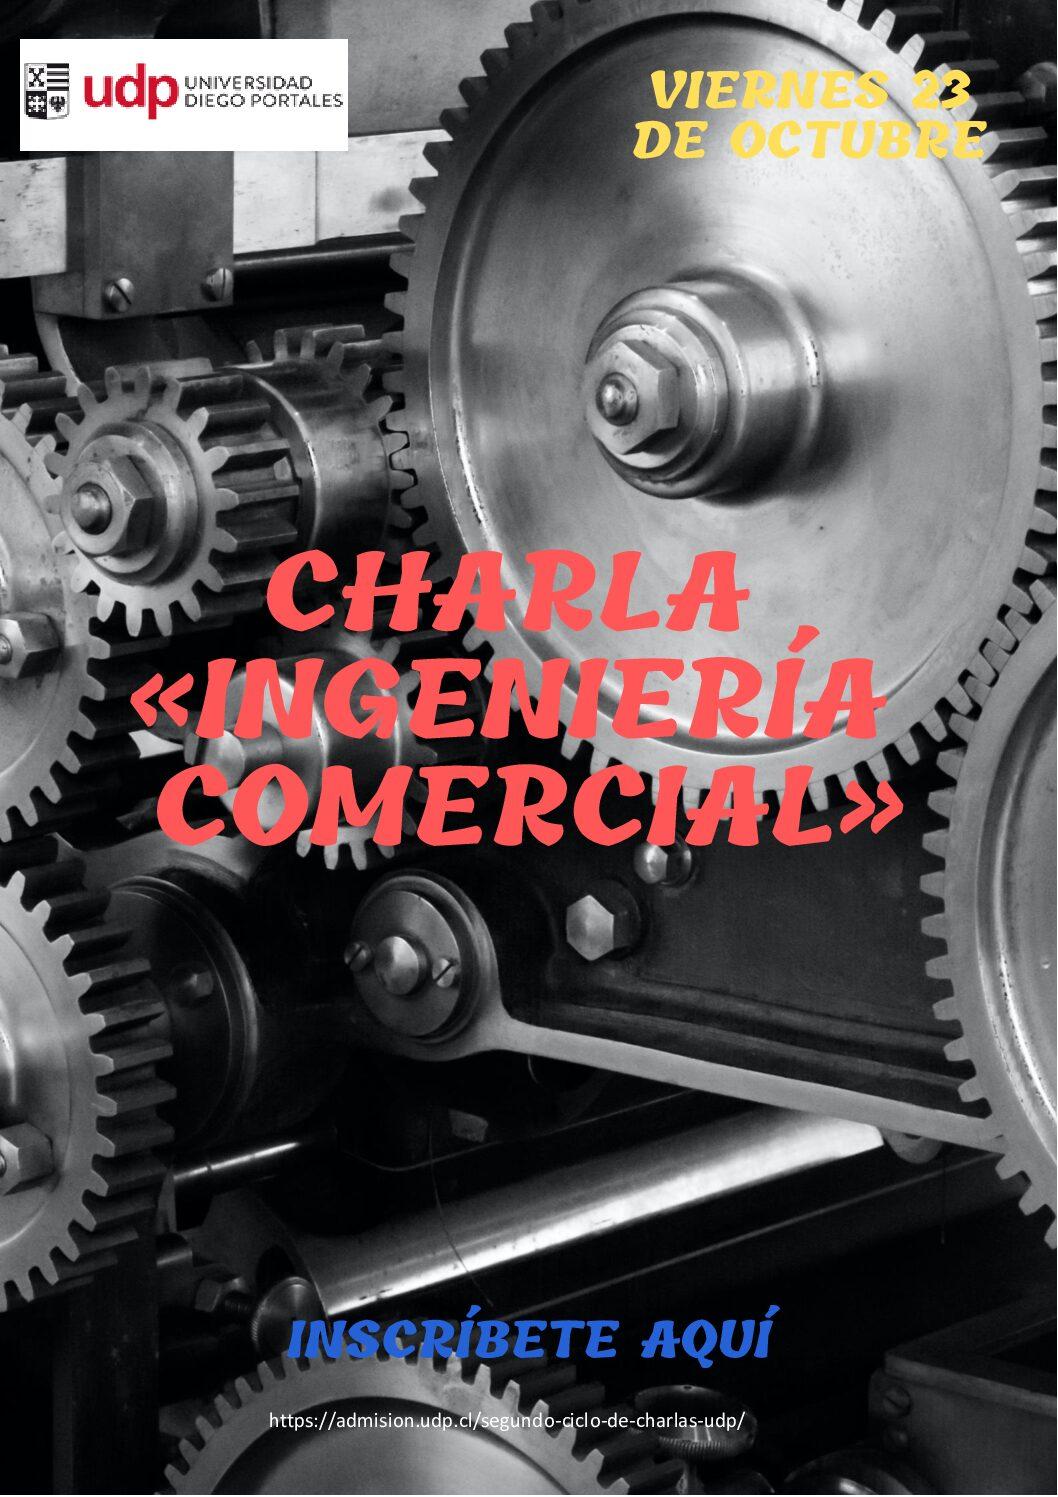 Charla Ingeniería Comercial